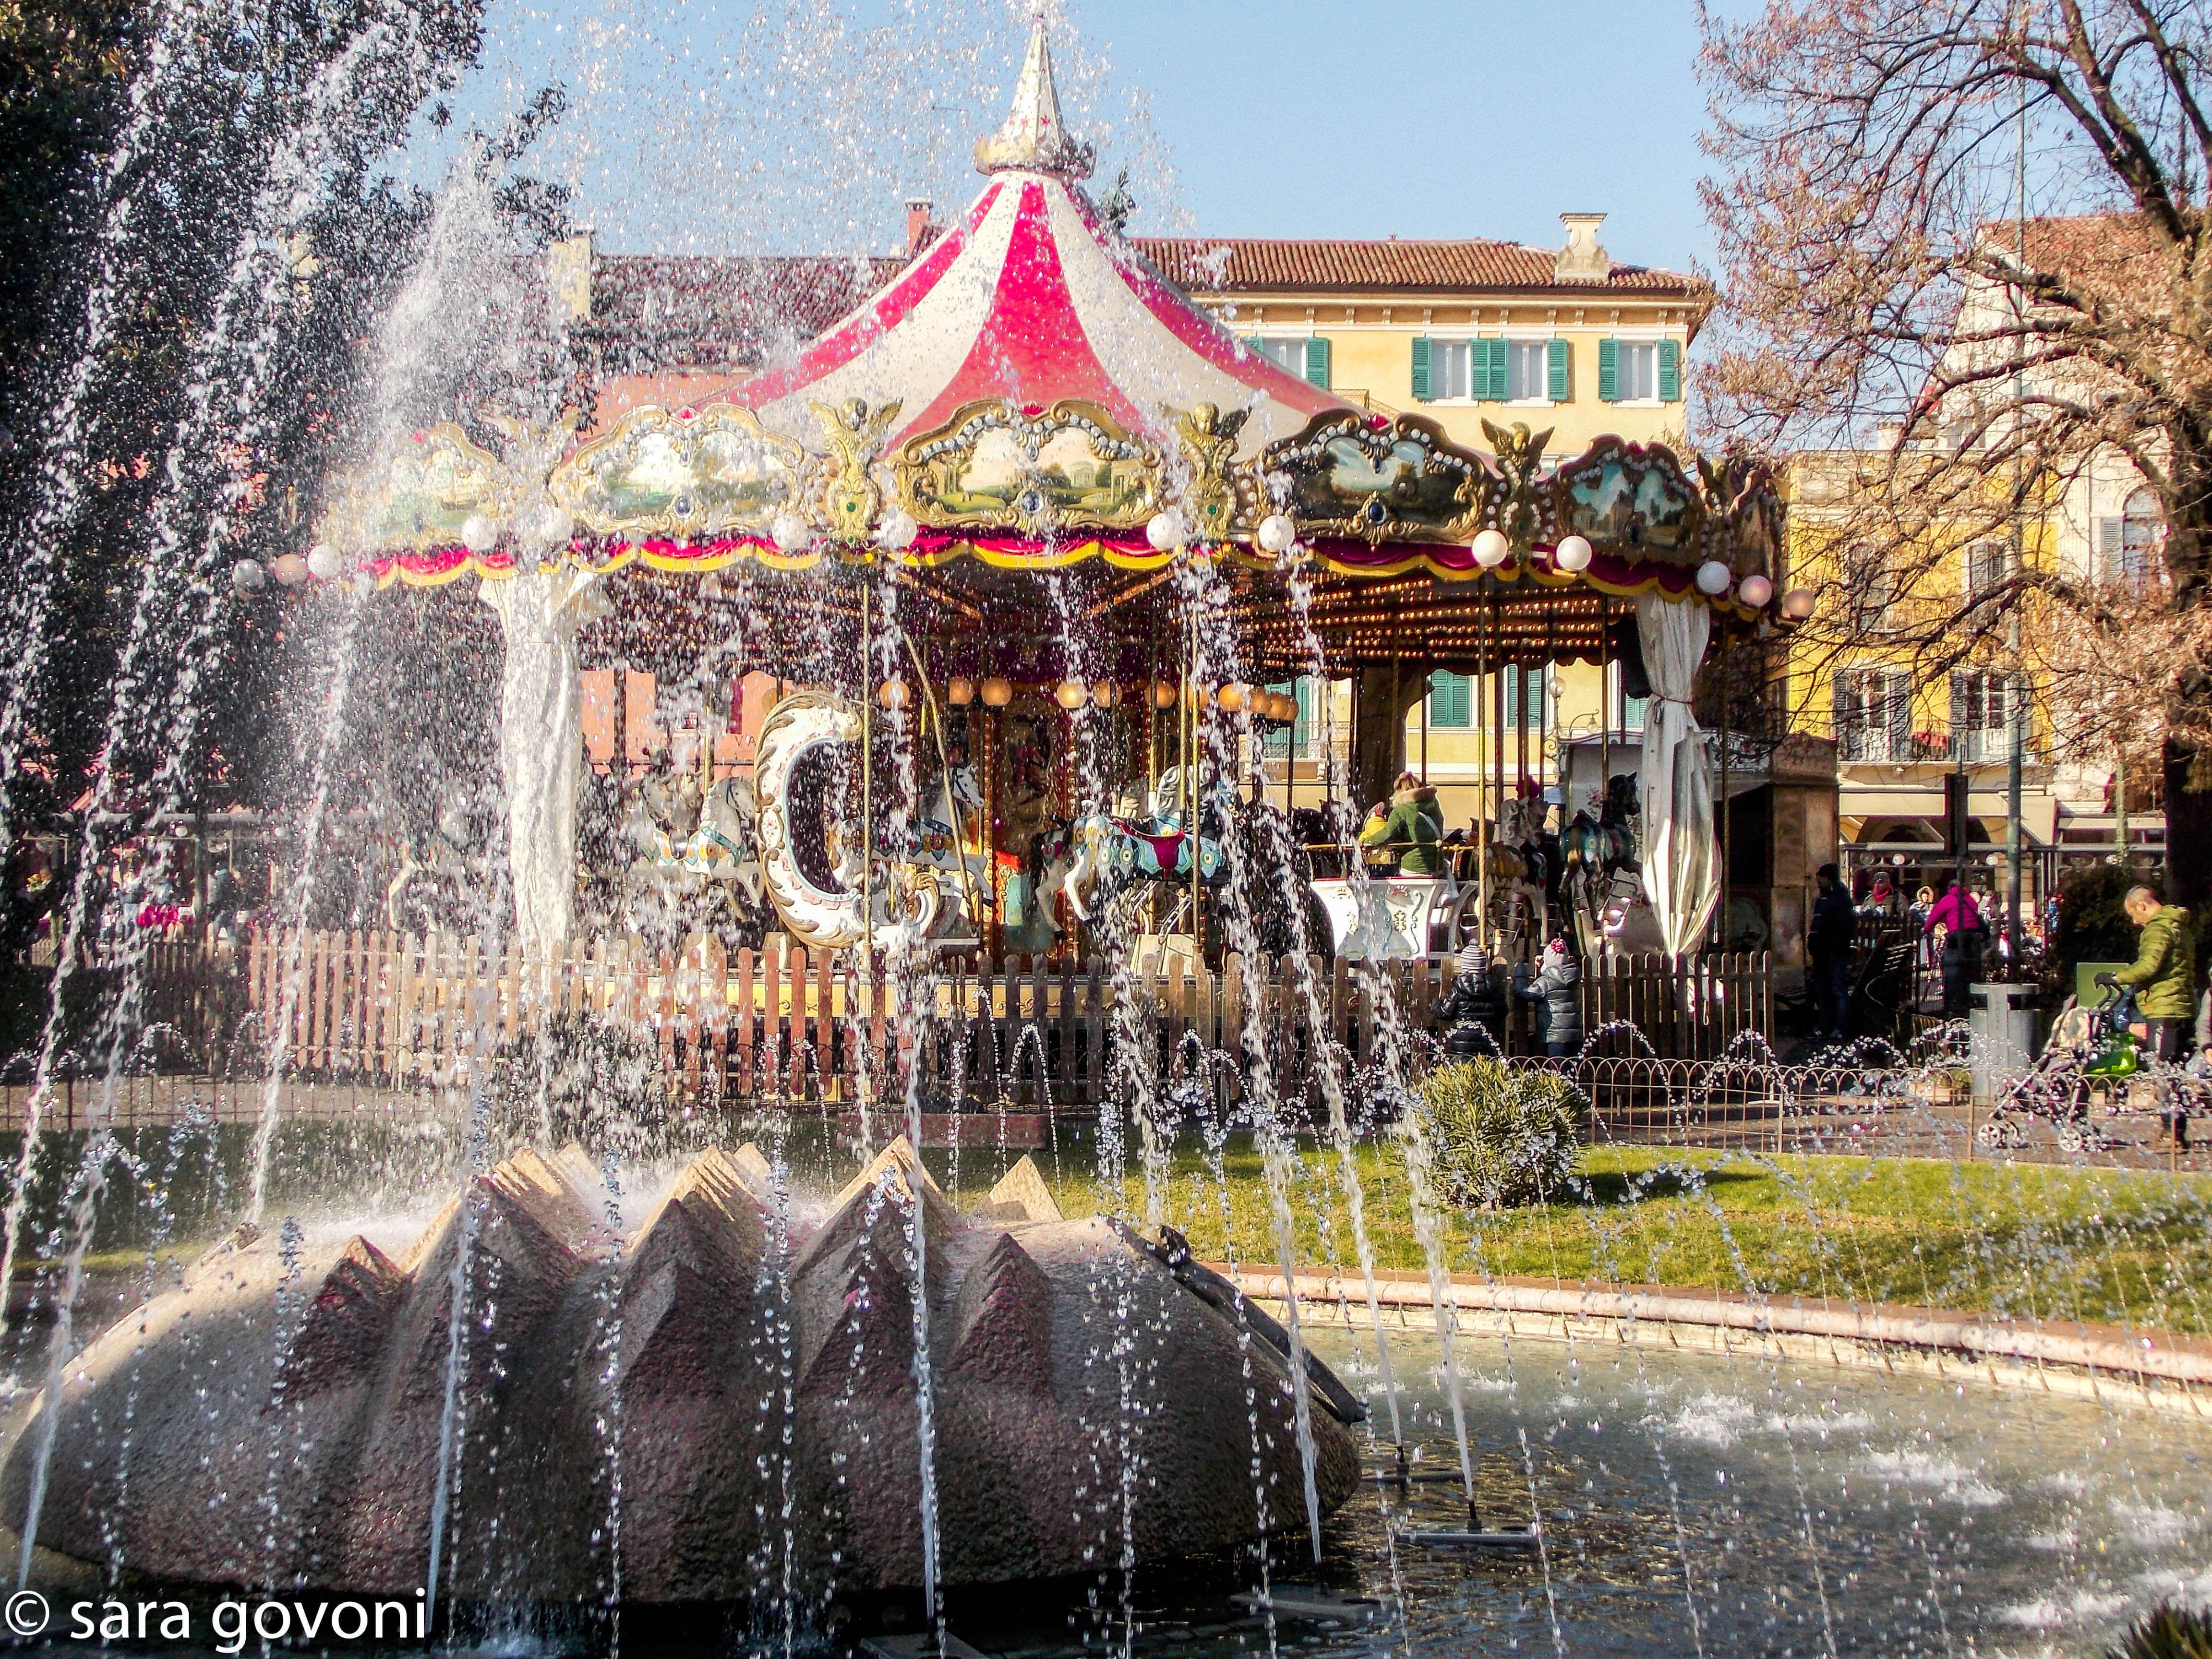 Giostrina e fontana del parco davanti all'arena di Verona